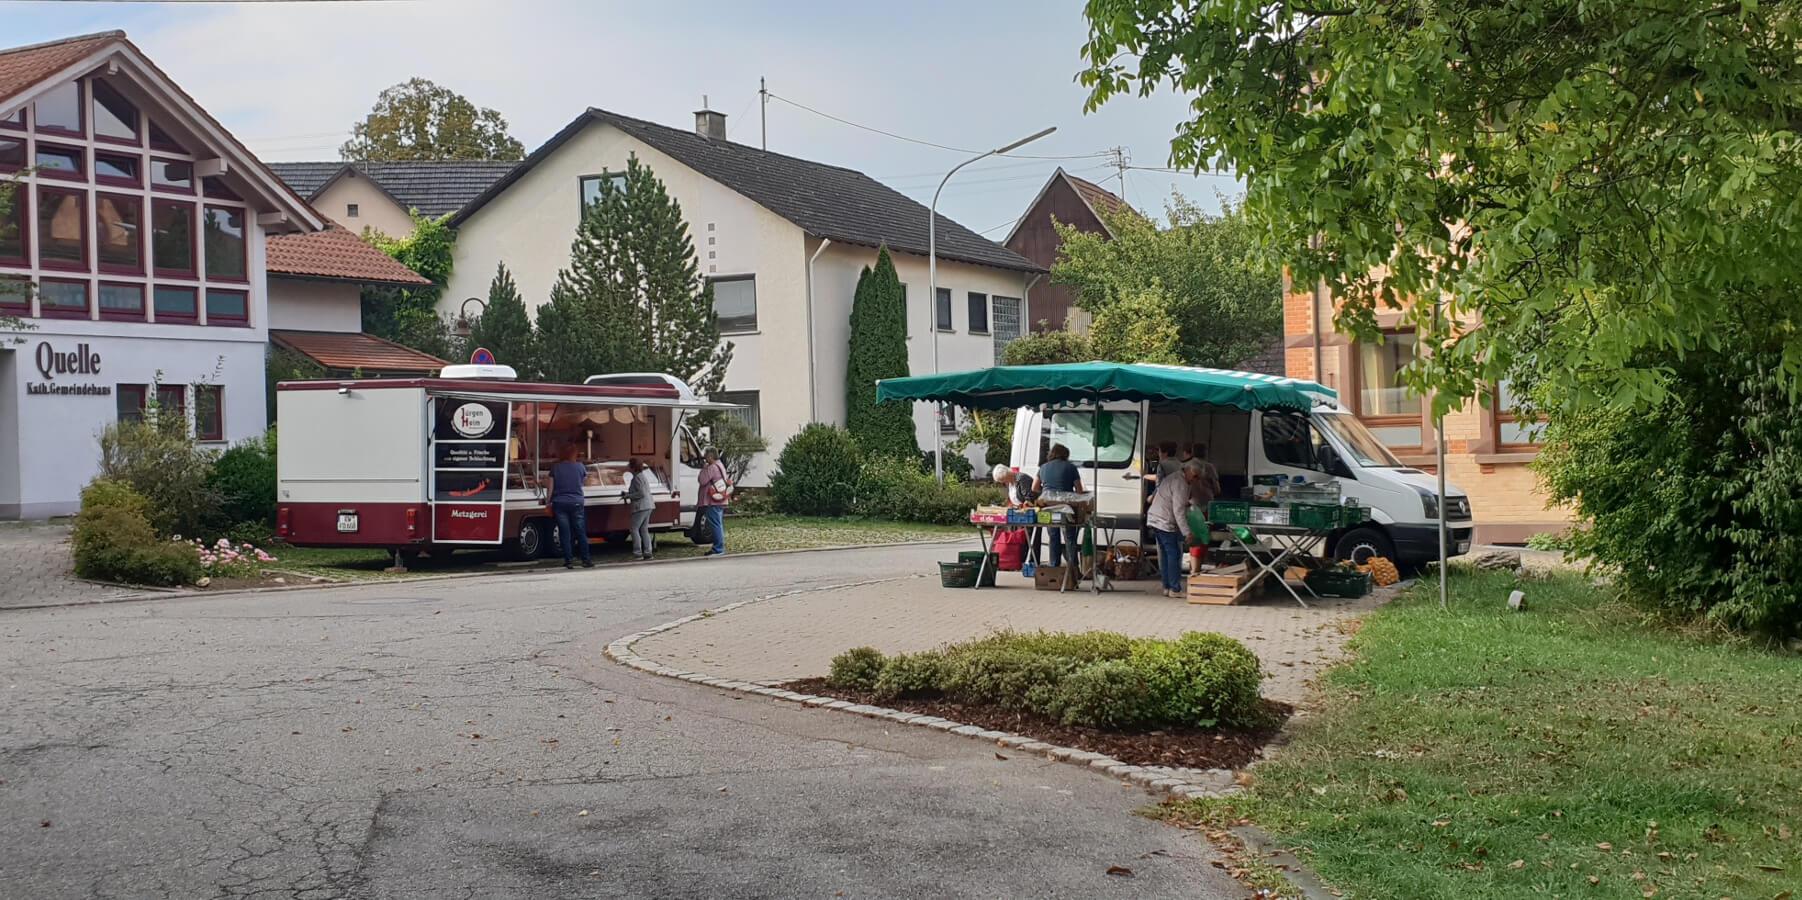 Bild vom Wochenmarkt in Winzeln